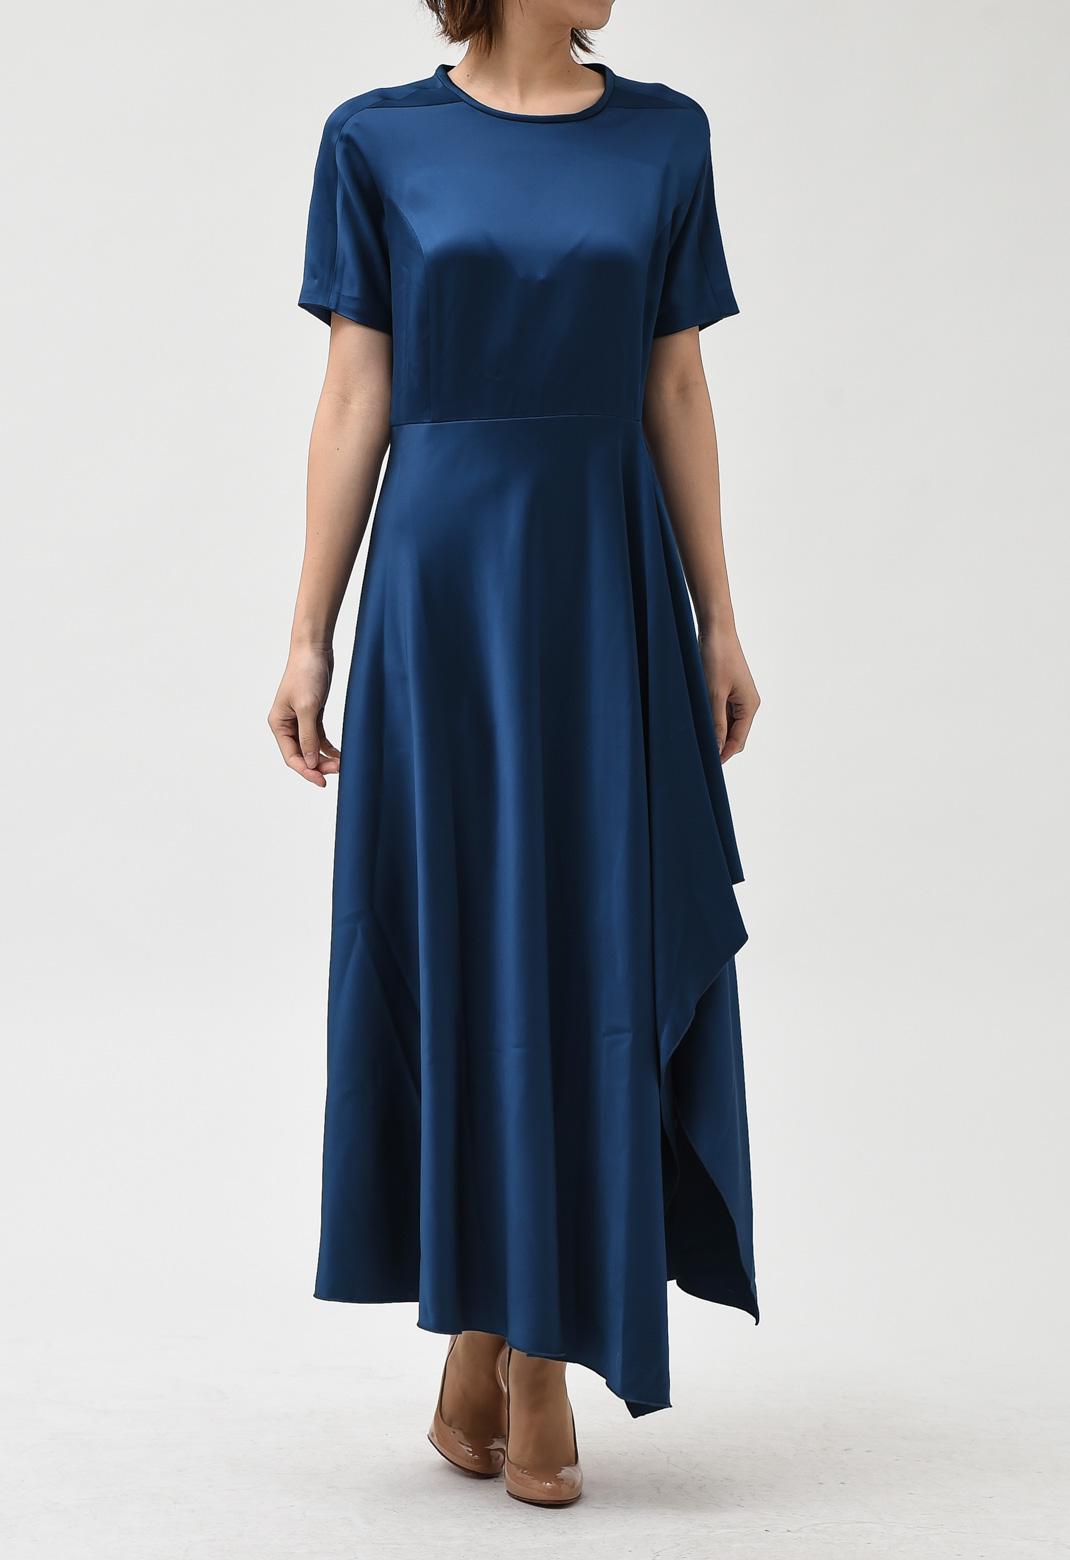 サテン アシンメトリー 半袖 ロング ドレス